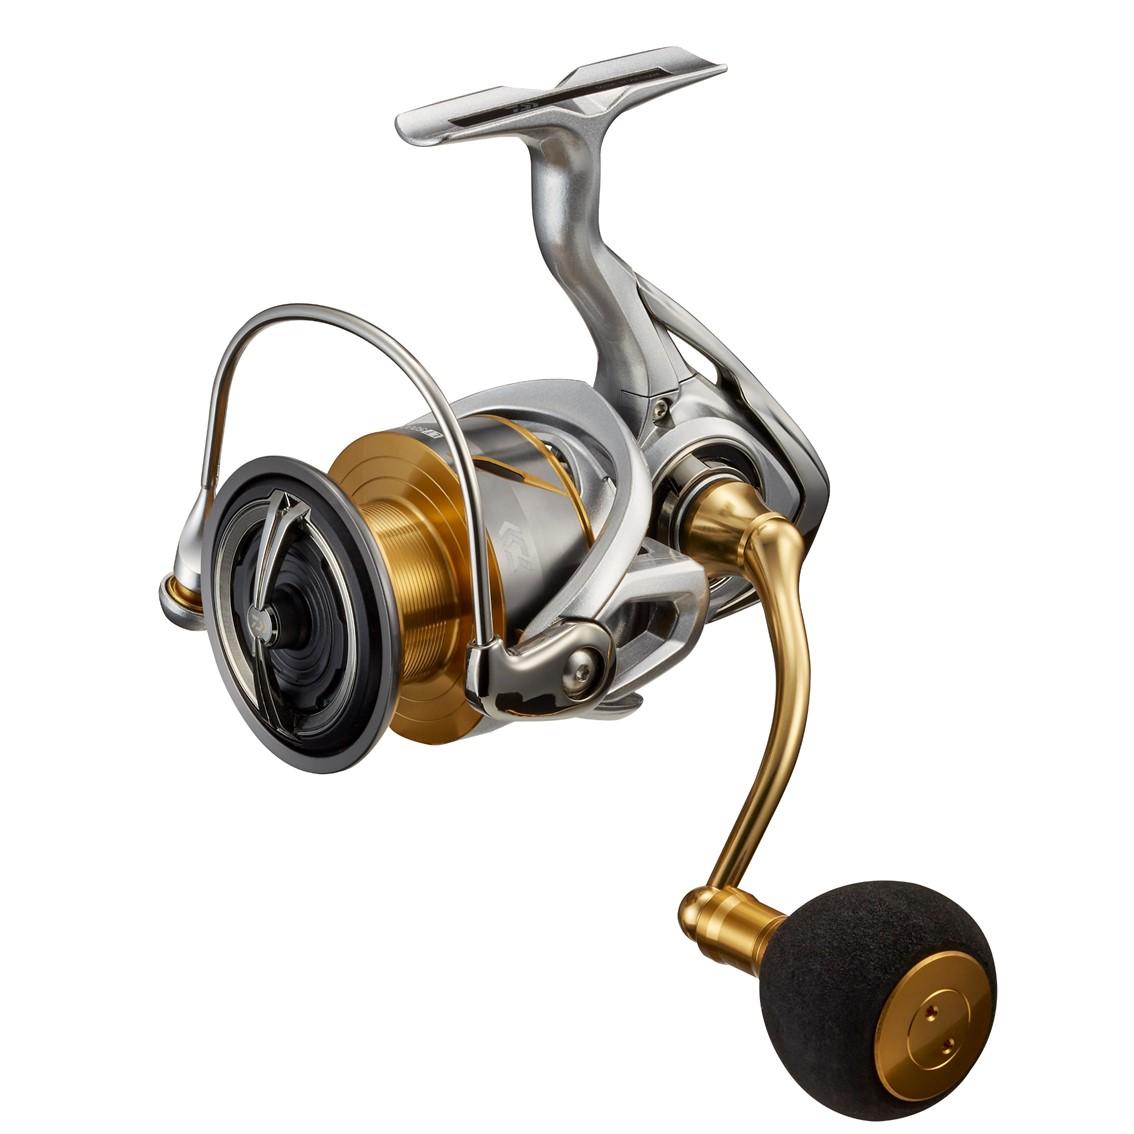 釣具のことならフィッシング遊 ダイワ フリームス LT5000-CXH (スピニングリール)